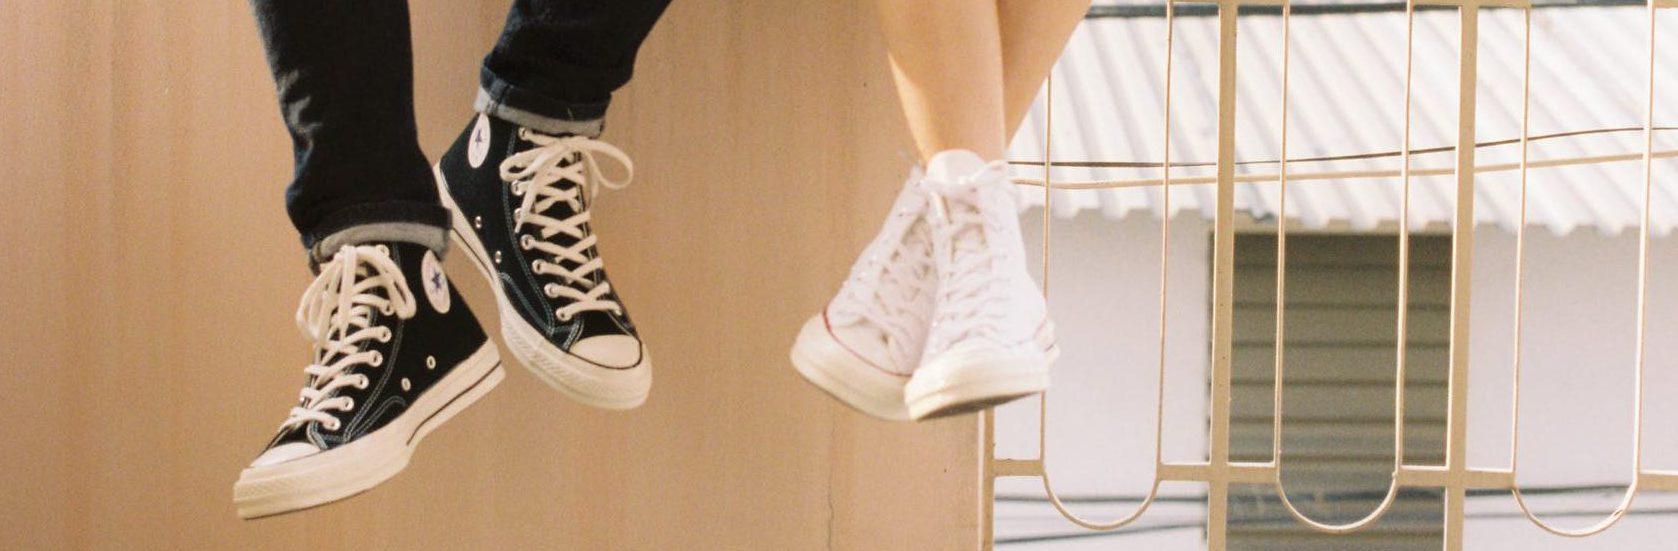 schoenen banner